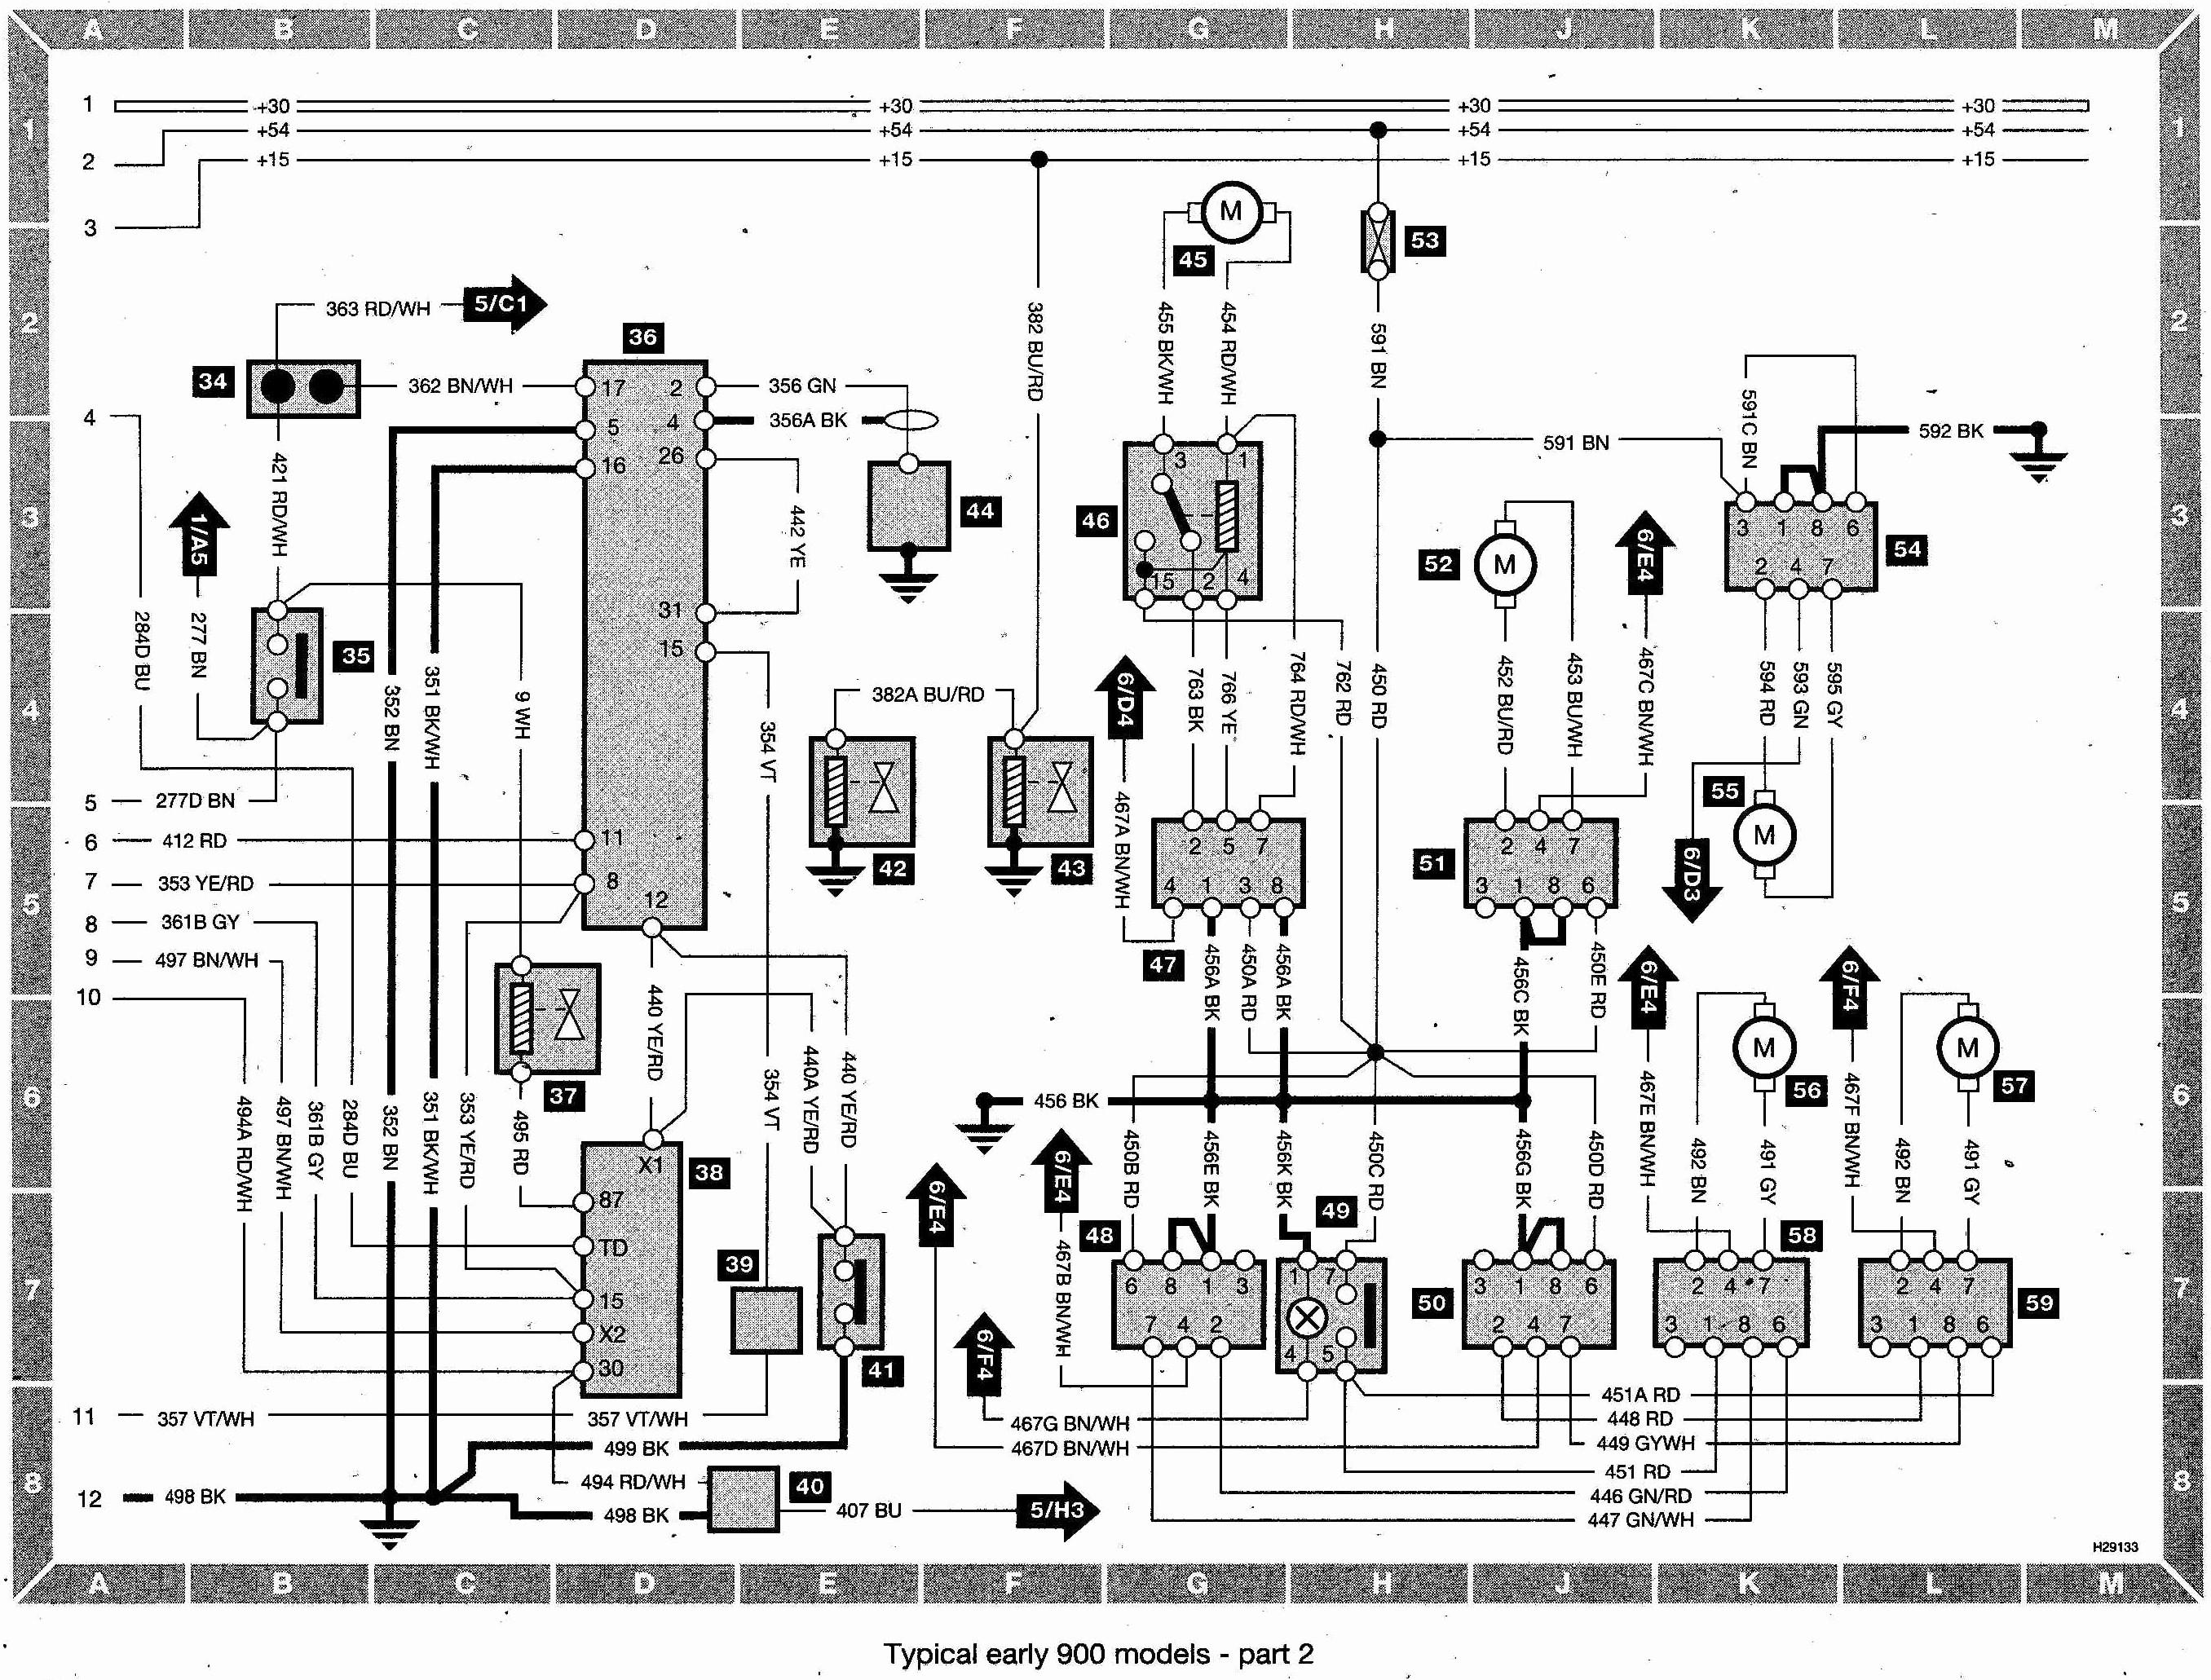 saab 9 3 wiring diagram pdf smart wiring diagrams u2022 rh emgsolutions co Saab 9-3 2003 Front Headlight Wiring Diagram Wiring Diagram 1999 Saab 9 3 Speakers